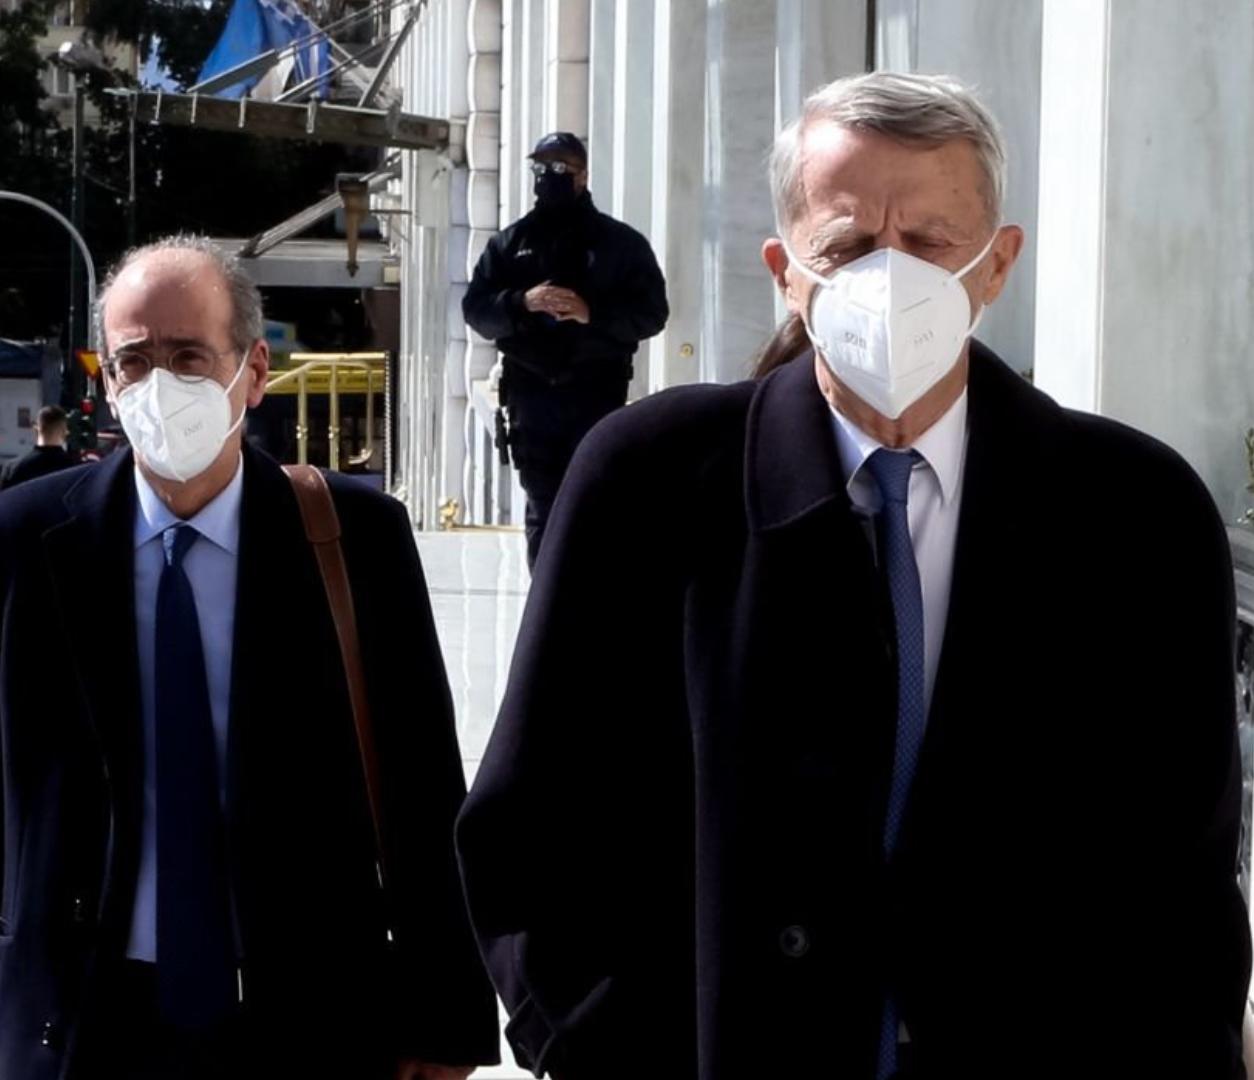 Μειοδοσία και «Χειρουργική» υπονόμευση της Ελλάδας από τον επικεφαλής της ελληνικής αντιπροσωπείας στις διερευνητικές!